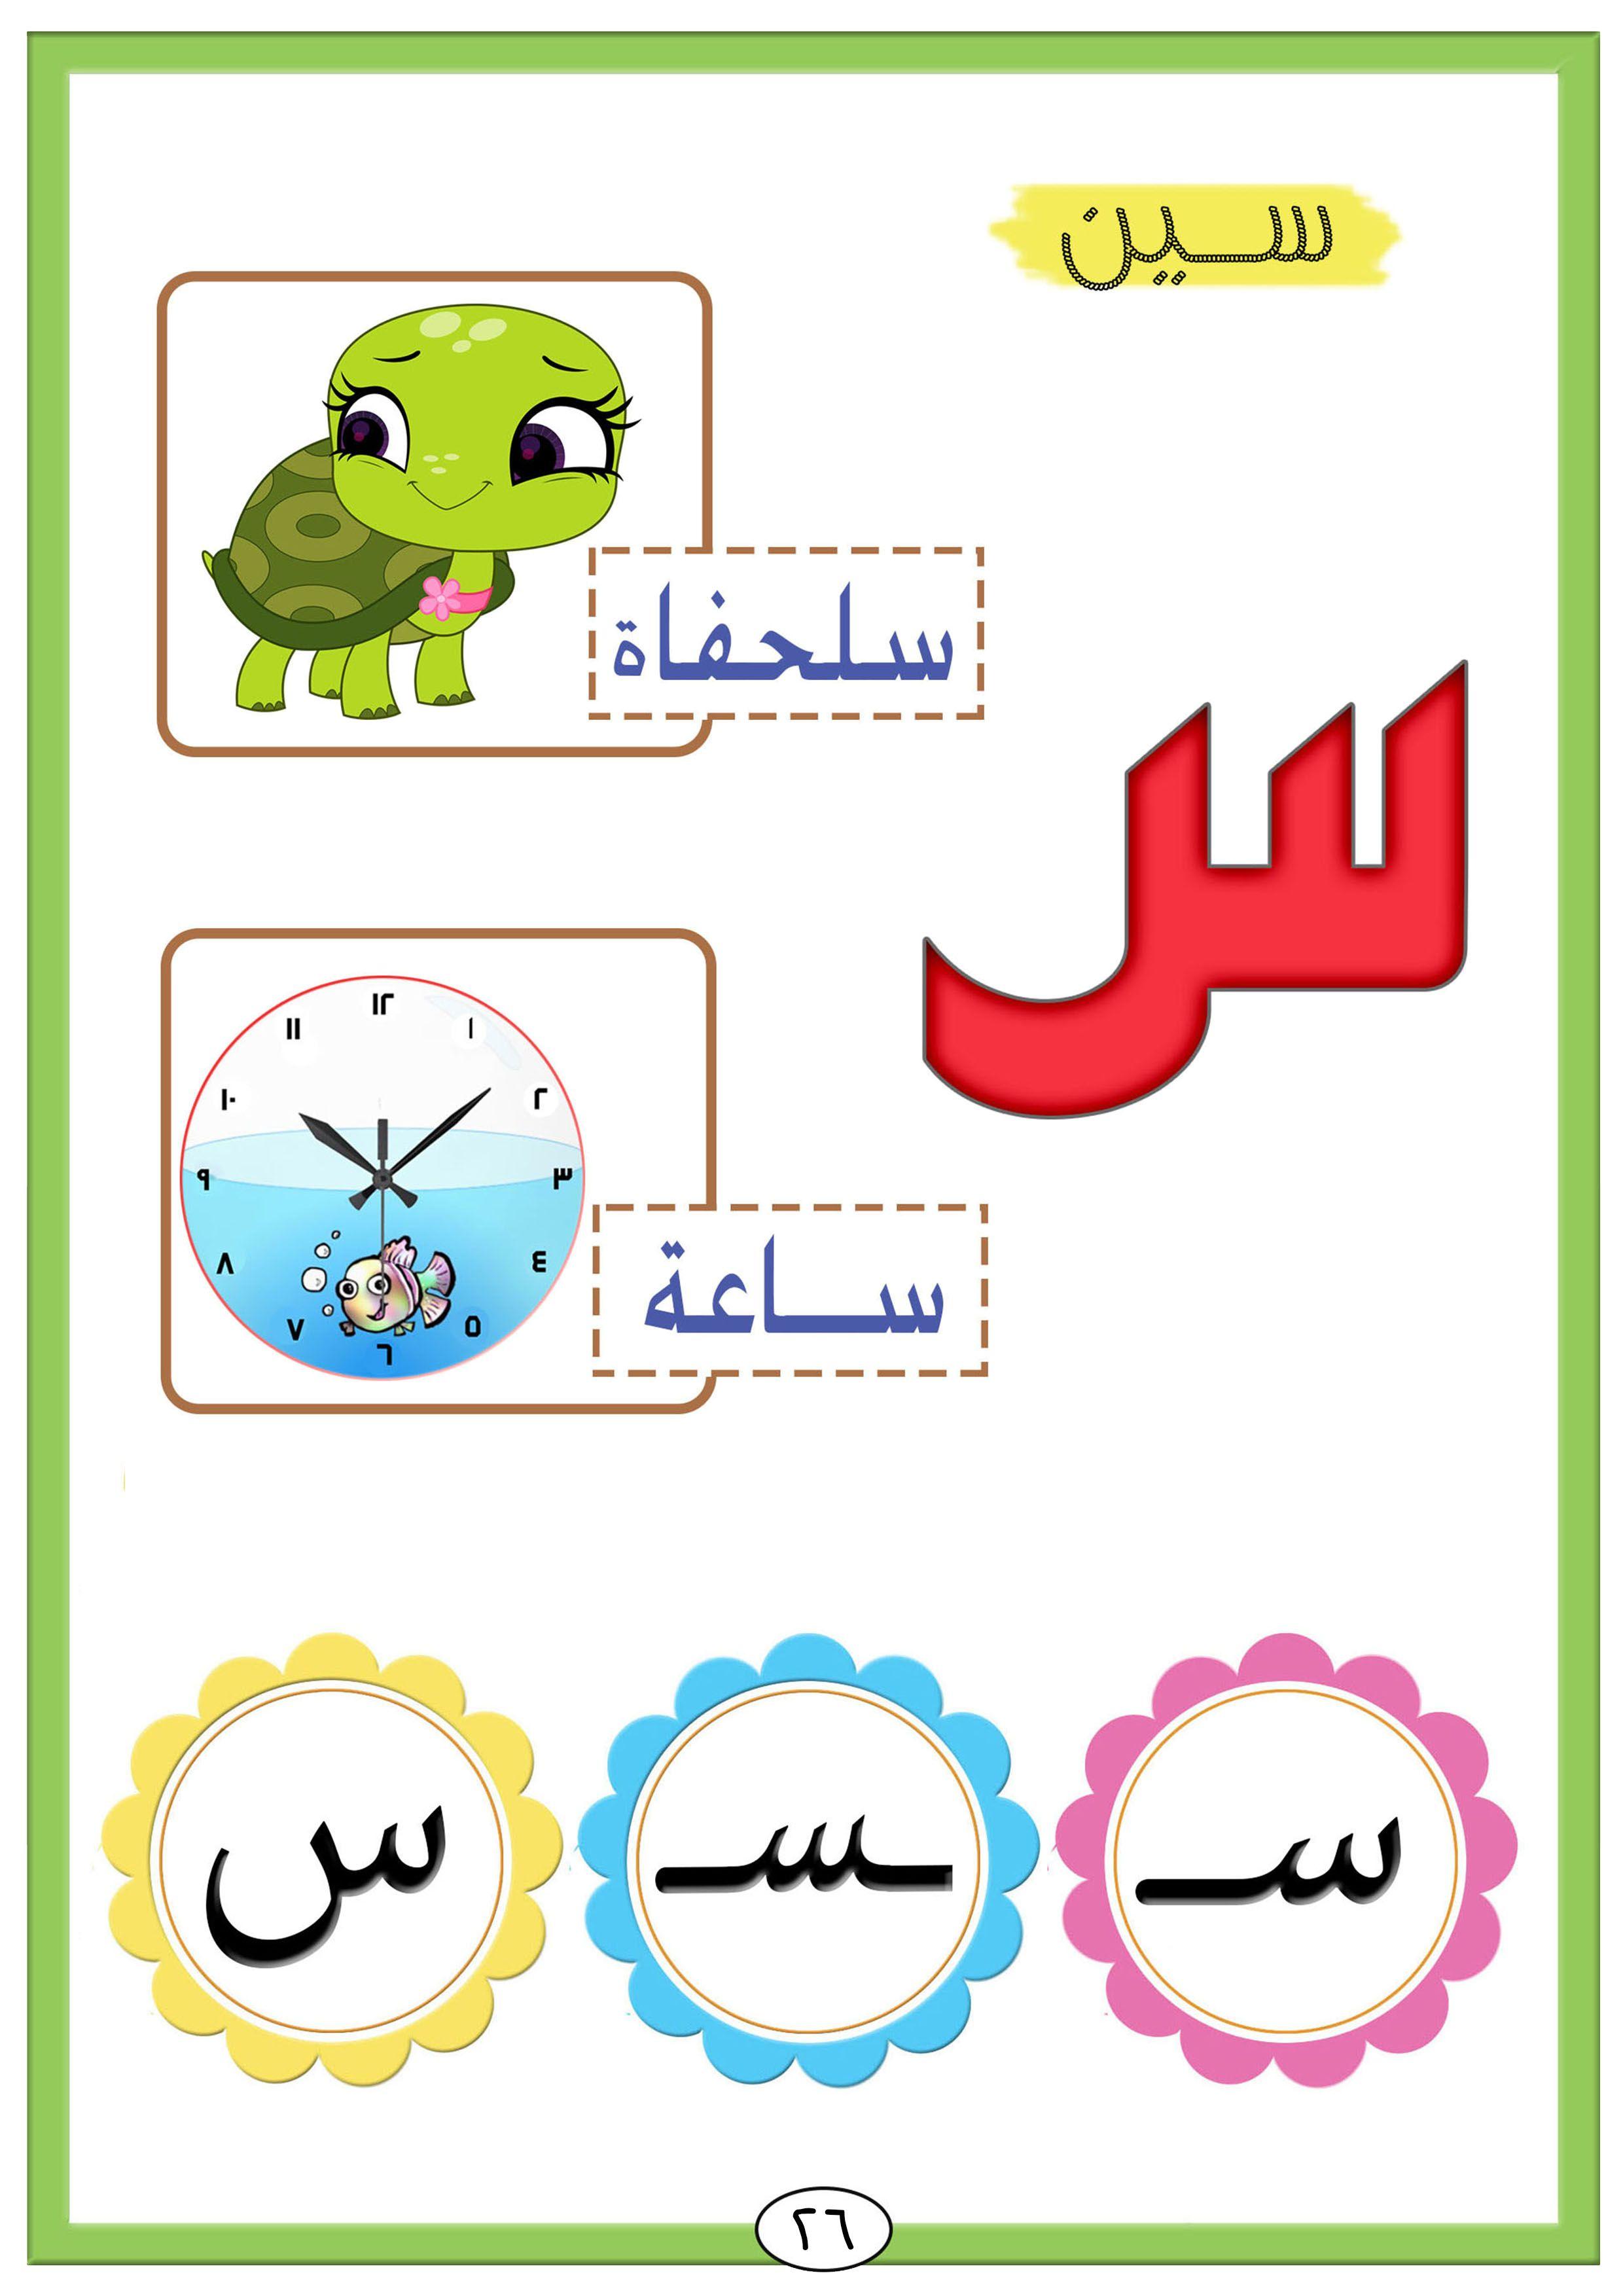 Pin von Ester auf arab   Pinterest   Arabisch lernen, Arabisch und ...